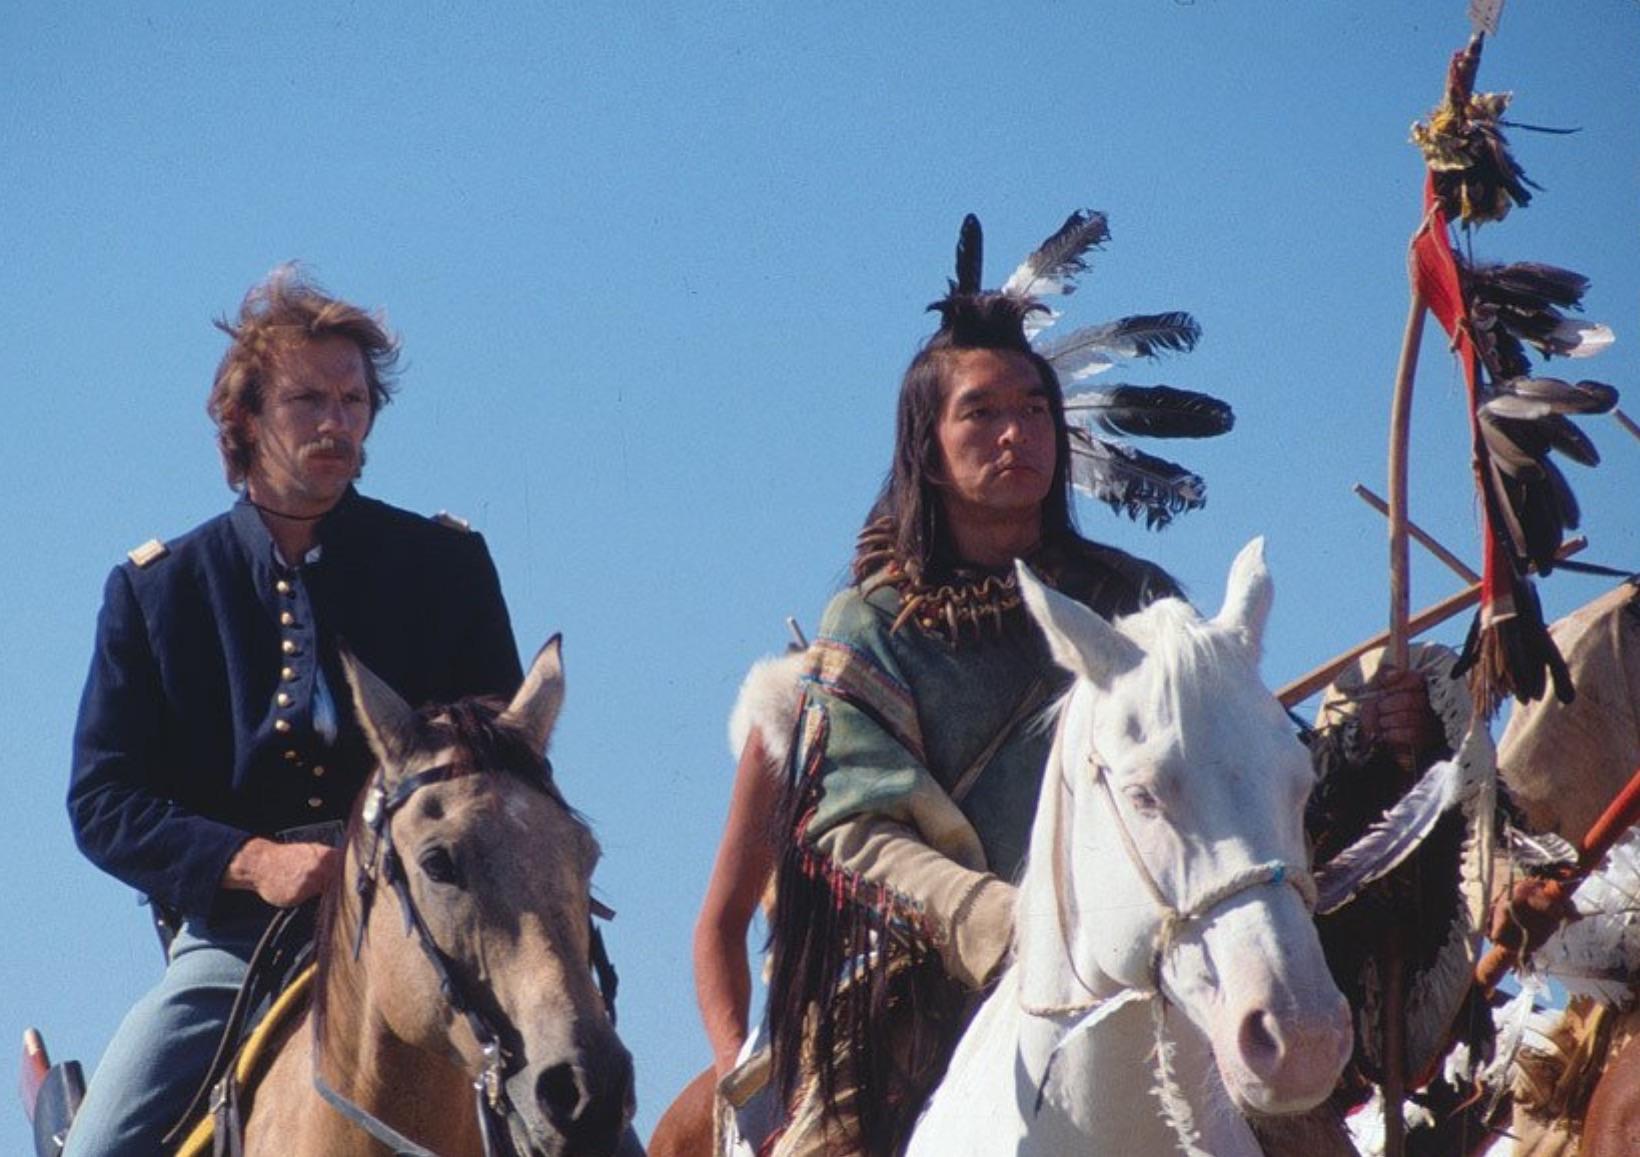 Farkasokkal táncoló – A fehér indián története - Blikk